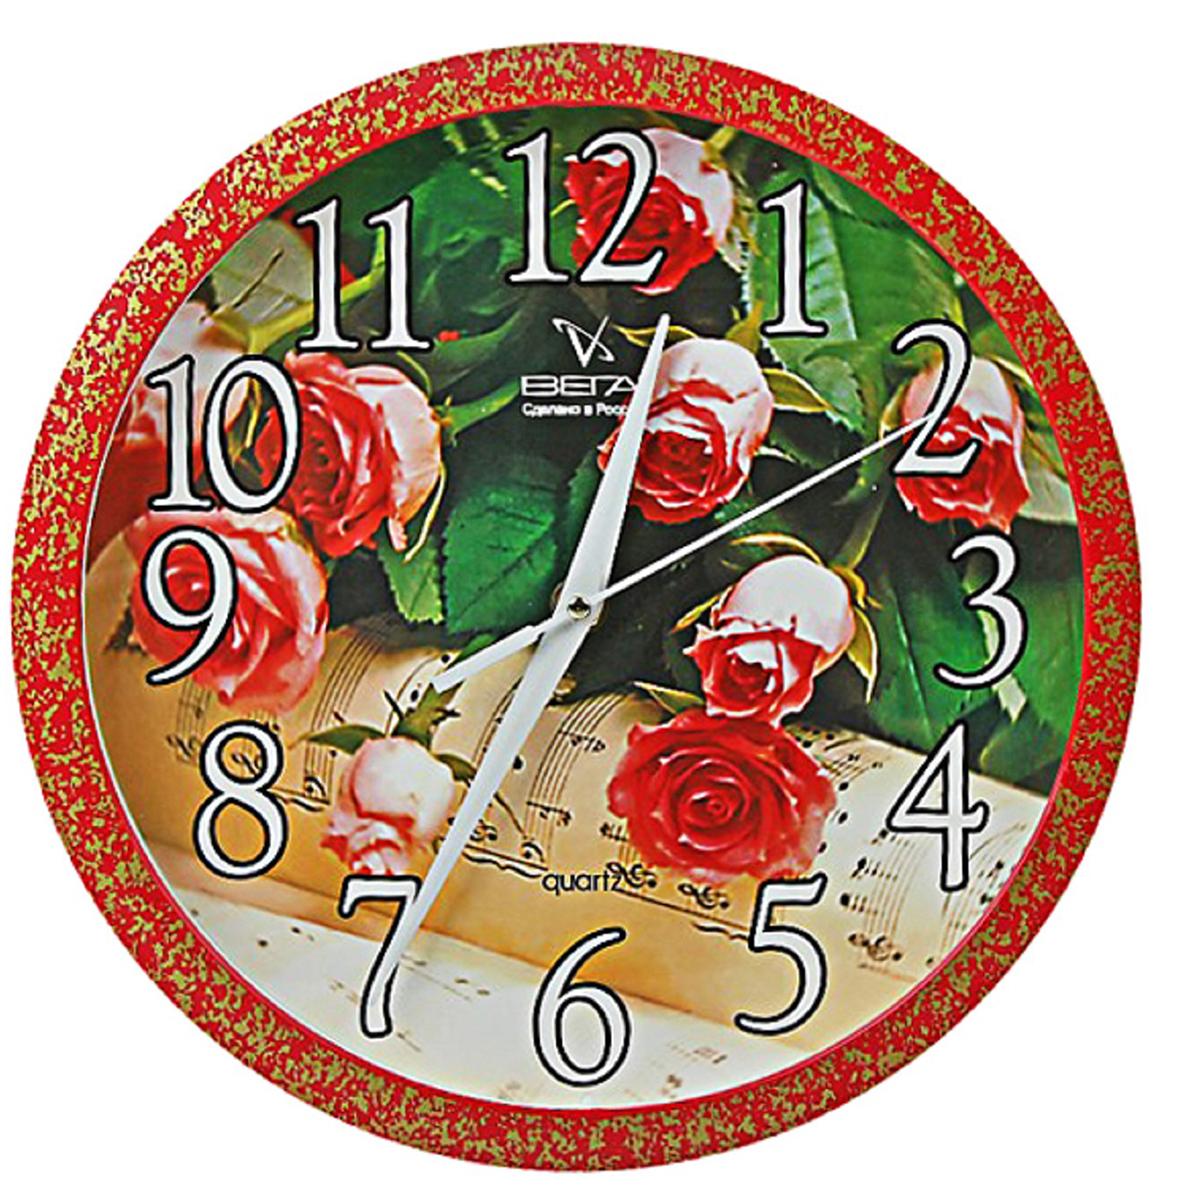 Часы настенные Вега Розы464358Каждому хозяину периодически приходит мысль обновить свою квартиру, сделать ремонт, перестановку или кардинально поменять внешний вид каждой комнаты. Часы настенные круглые Розы — привлекательная деталь, которая поможет воплотить вашу интерьерную идею, создать неповторимую атмосферу в вашем доме. Окружите себя приятными мелочами, пусть они радуют глаз и дарят гармонию. Часы настенные круглые Розы — сувенир в полном смысле этого слова. И главная его задача — хранить воспоминание о месте, где вы побывали, или о том человеке, который подарил данный предмет. Преподнесите эту вещь своему другу, и она станет достойным украшением его дома.Часы настенные круглые Розы 464358